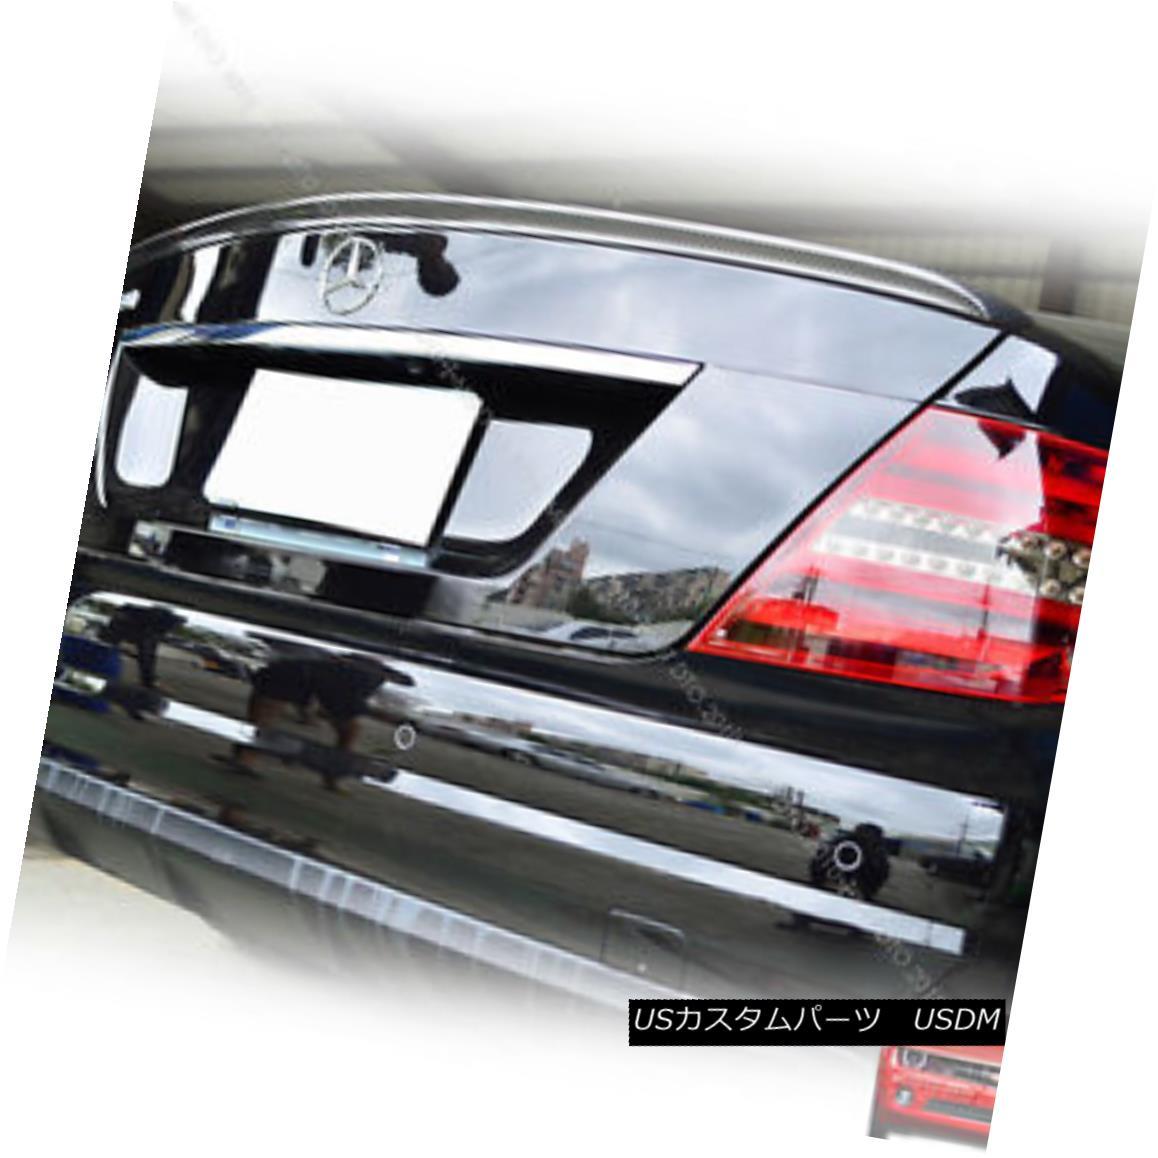 エアロパーツ Mercedes Benz C204 2DR Coupe A Type Rear Trunk Boot Spoiler Wing Painted 197 § メルセデス・ベンツC204 2DRクーペAタイプ・リアトランク・ブーツ・スポイラー・ウィング・ペイント197